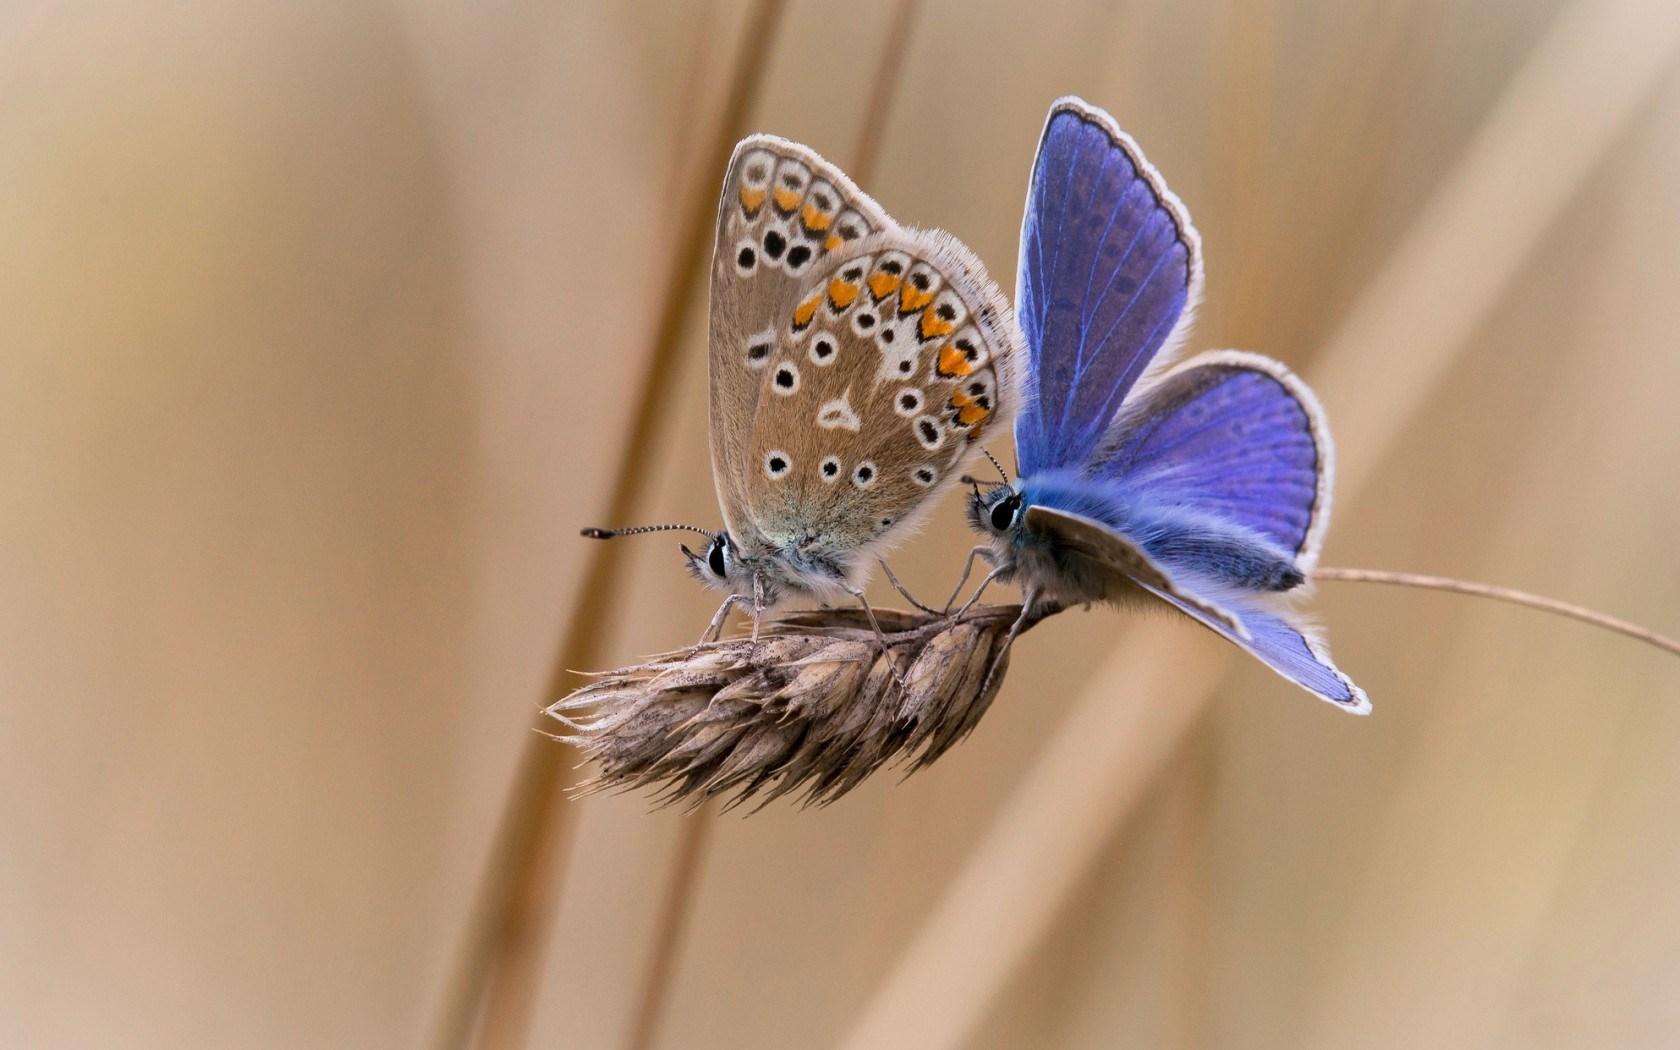 butterfly photo hd